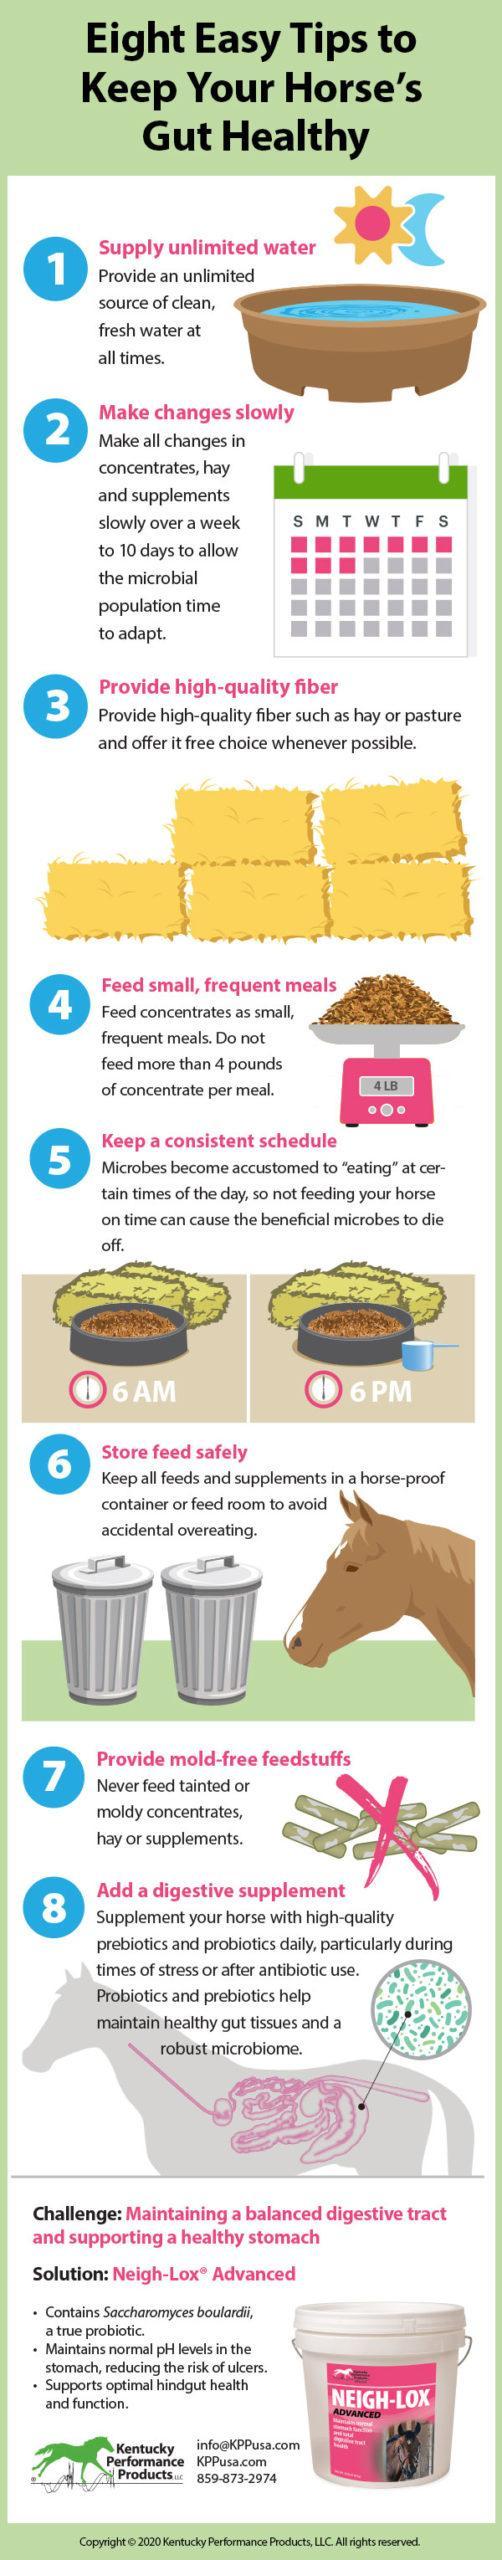 Produtos de desempenho de Kentucky: 8 dicas fáceis para manter o intestino do seu cavalo saudável 2